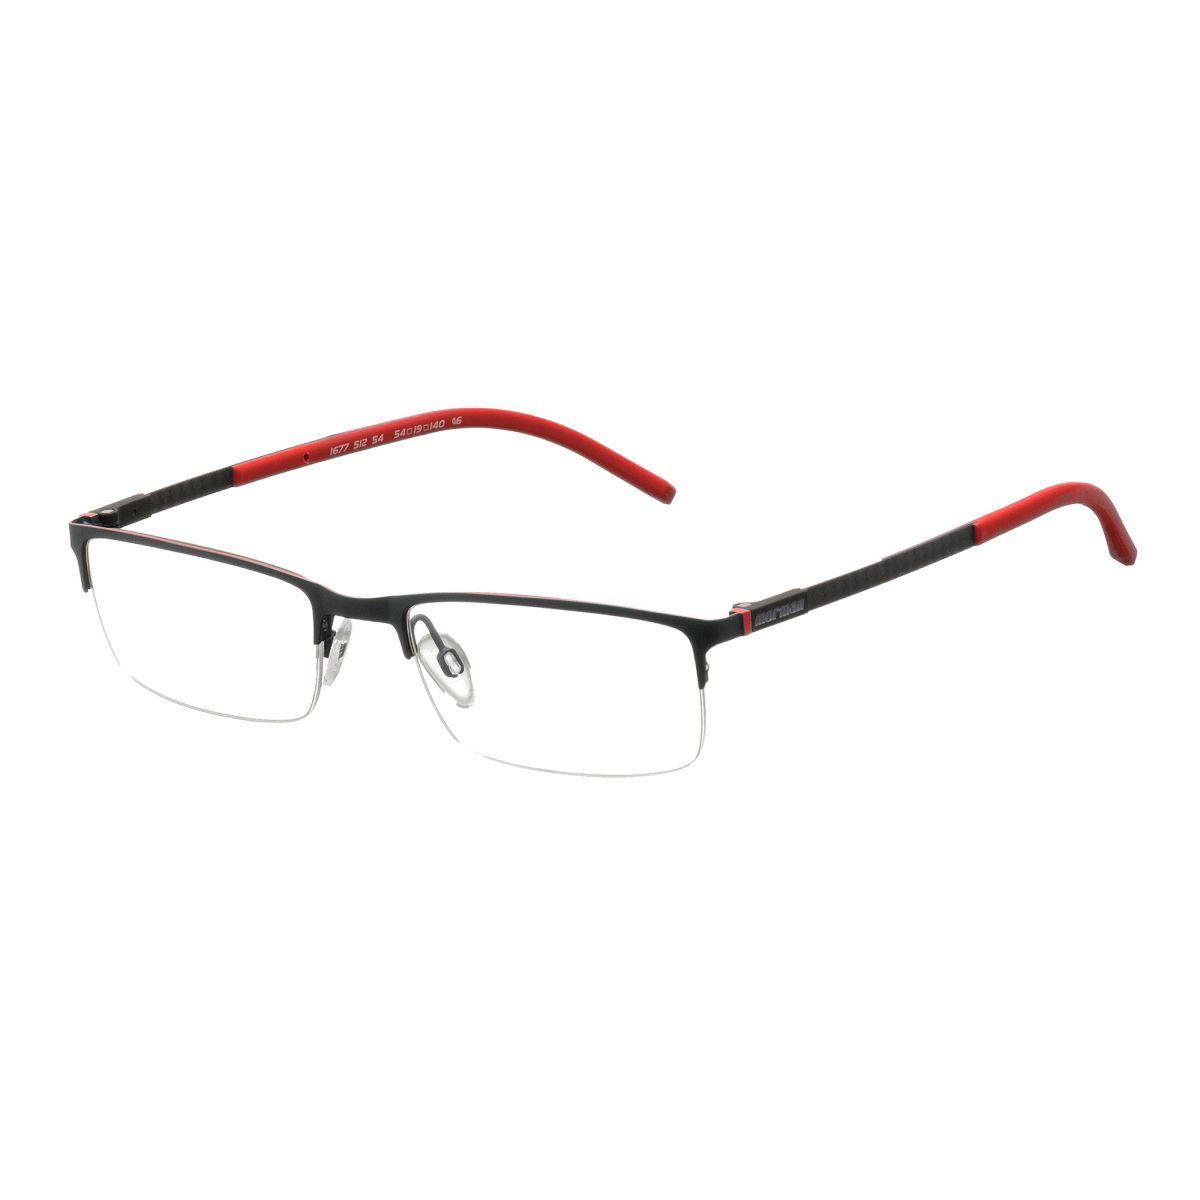 d806238b6 Óculos de Grau Mormaii Fibra de Carbono Mo1677 879 Tam ...